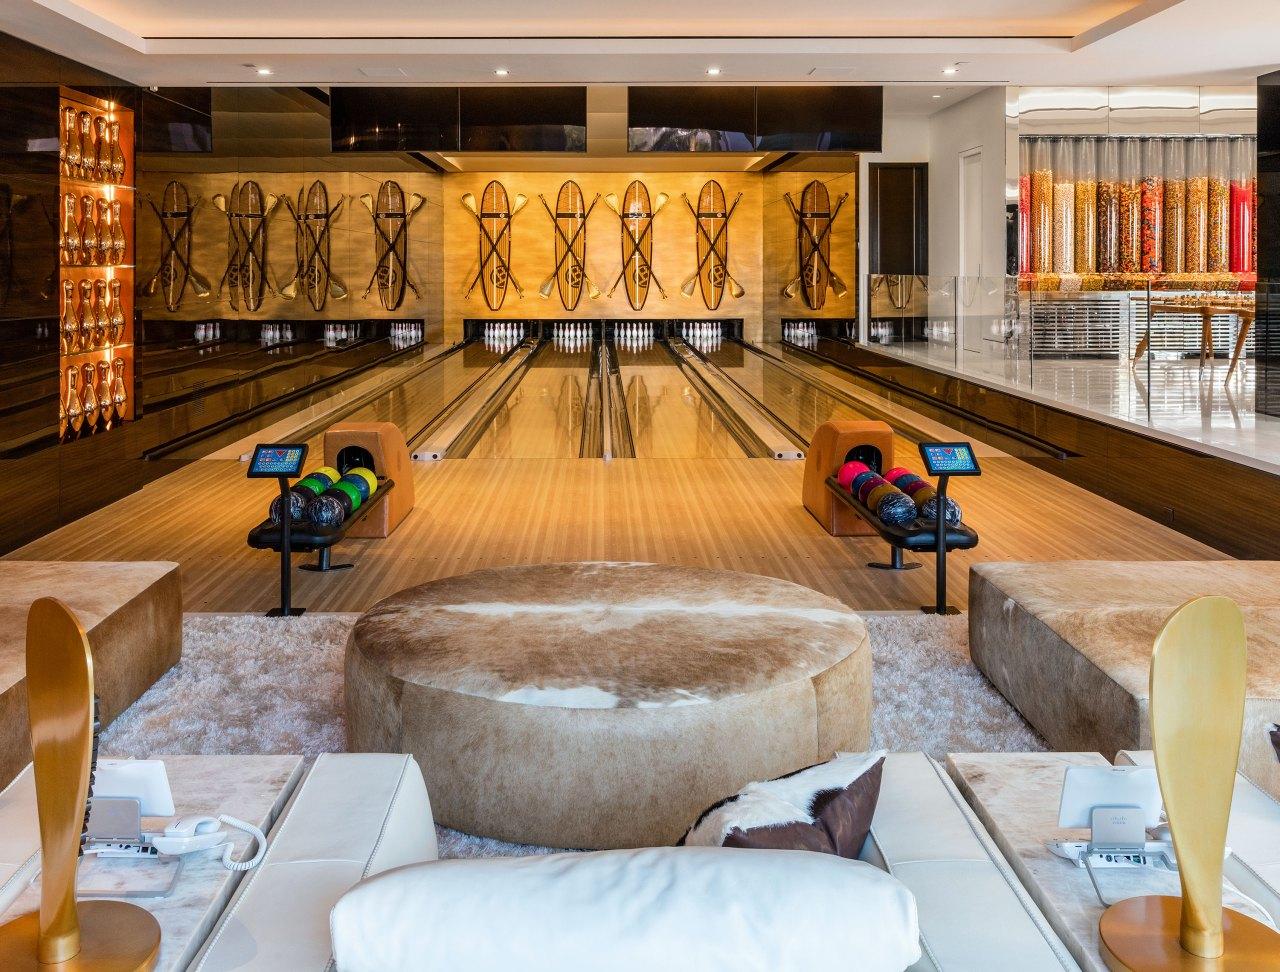 La sala da bowling